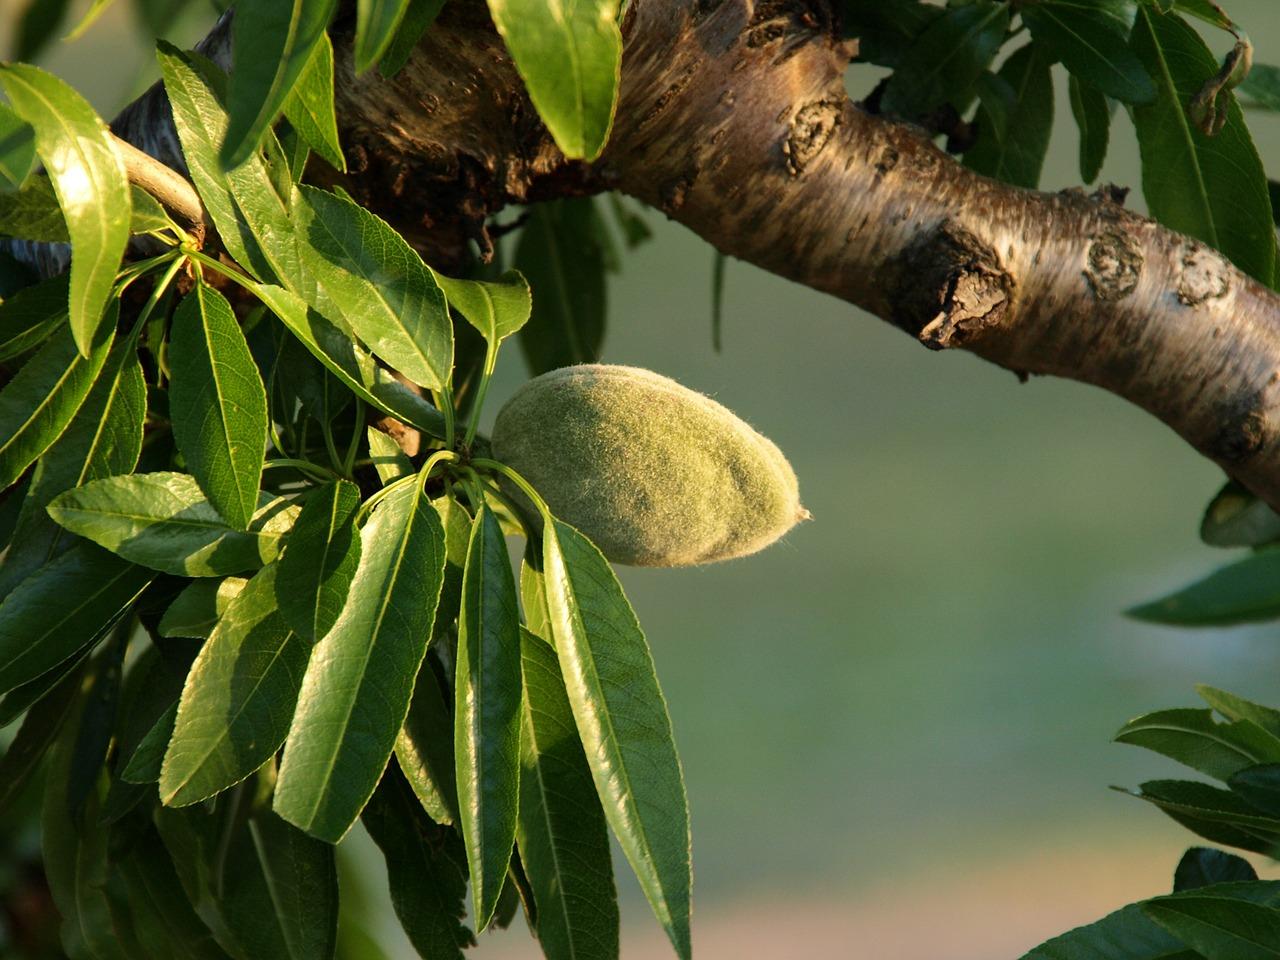 Η Αμυγδαλιά ανήκει στην οικογένεια Rosaceae, στο γένος Prunus. Η καλλιεργούμενες ποικιλίες ανήκουν στο είδος communis. Η Αμυγδαλιά είναι ένα από τα αρχαιότερα ακρόδρυα που χρησιμοποιείτο από τον άνθρωπο.